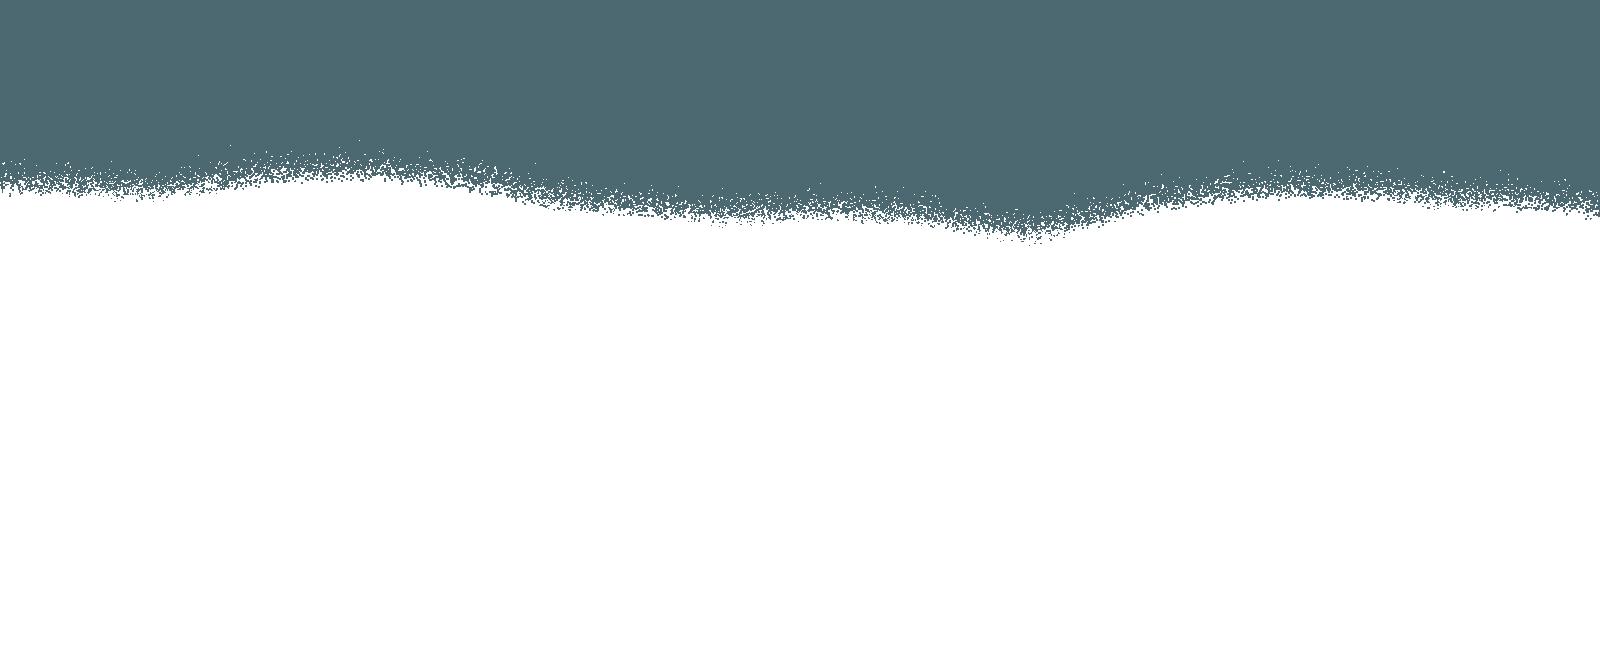 Efeito banner